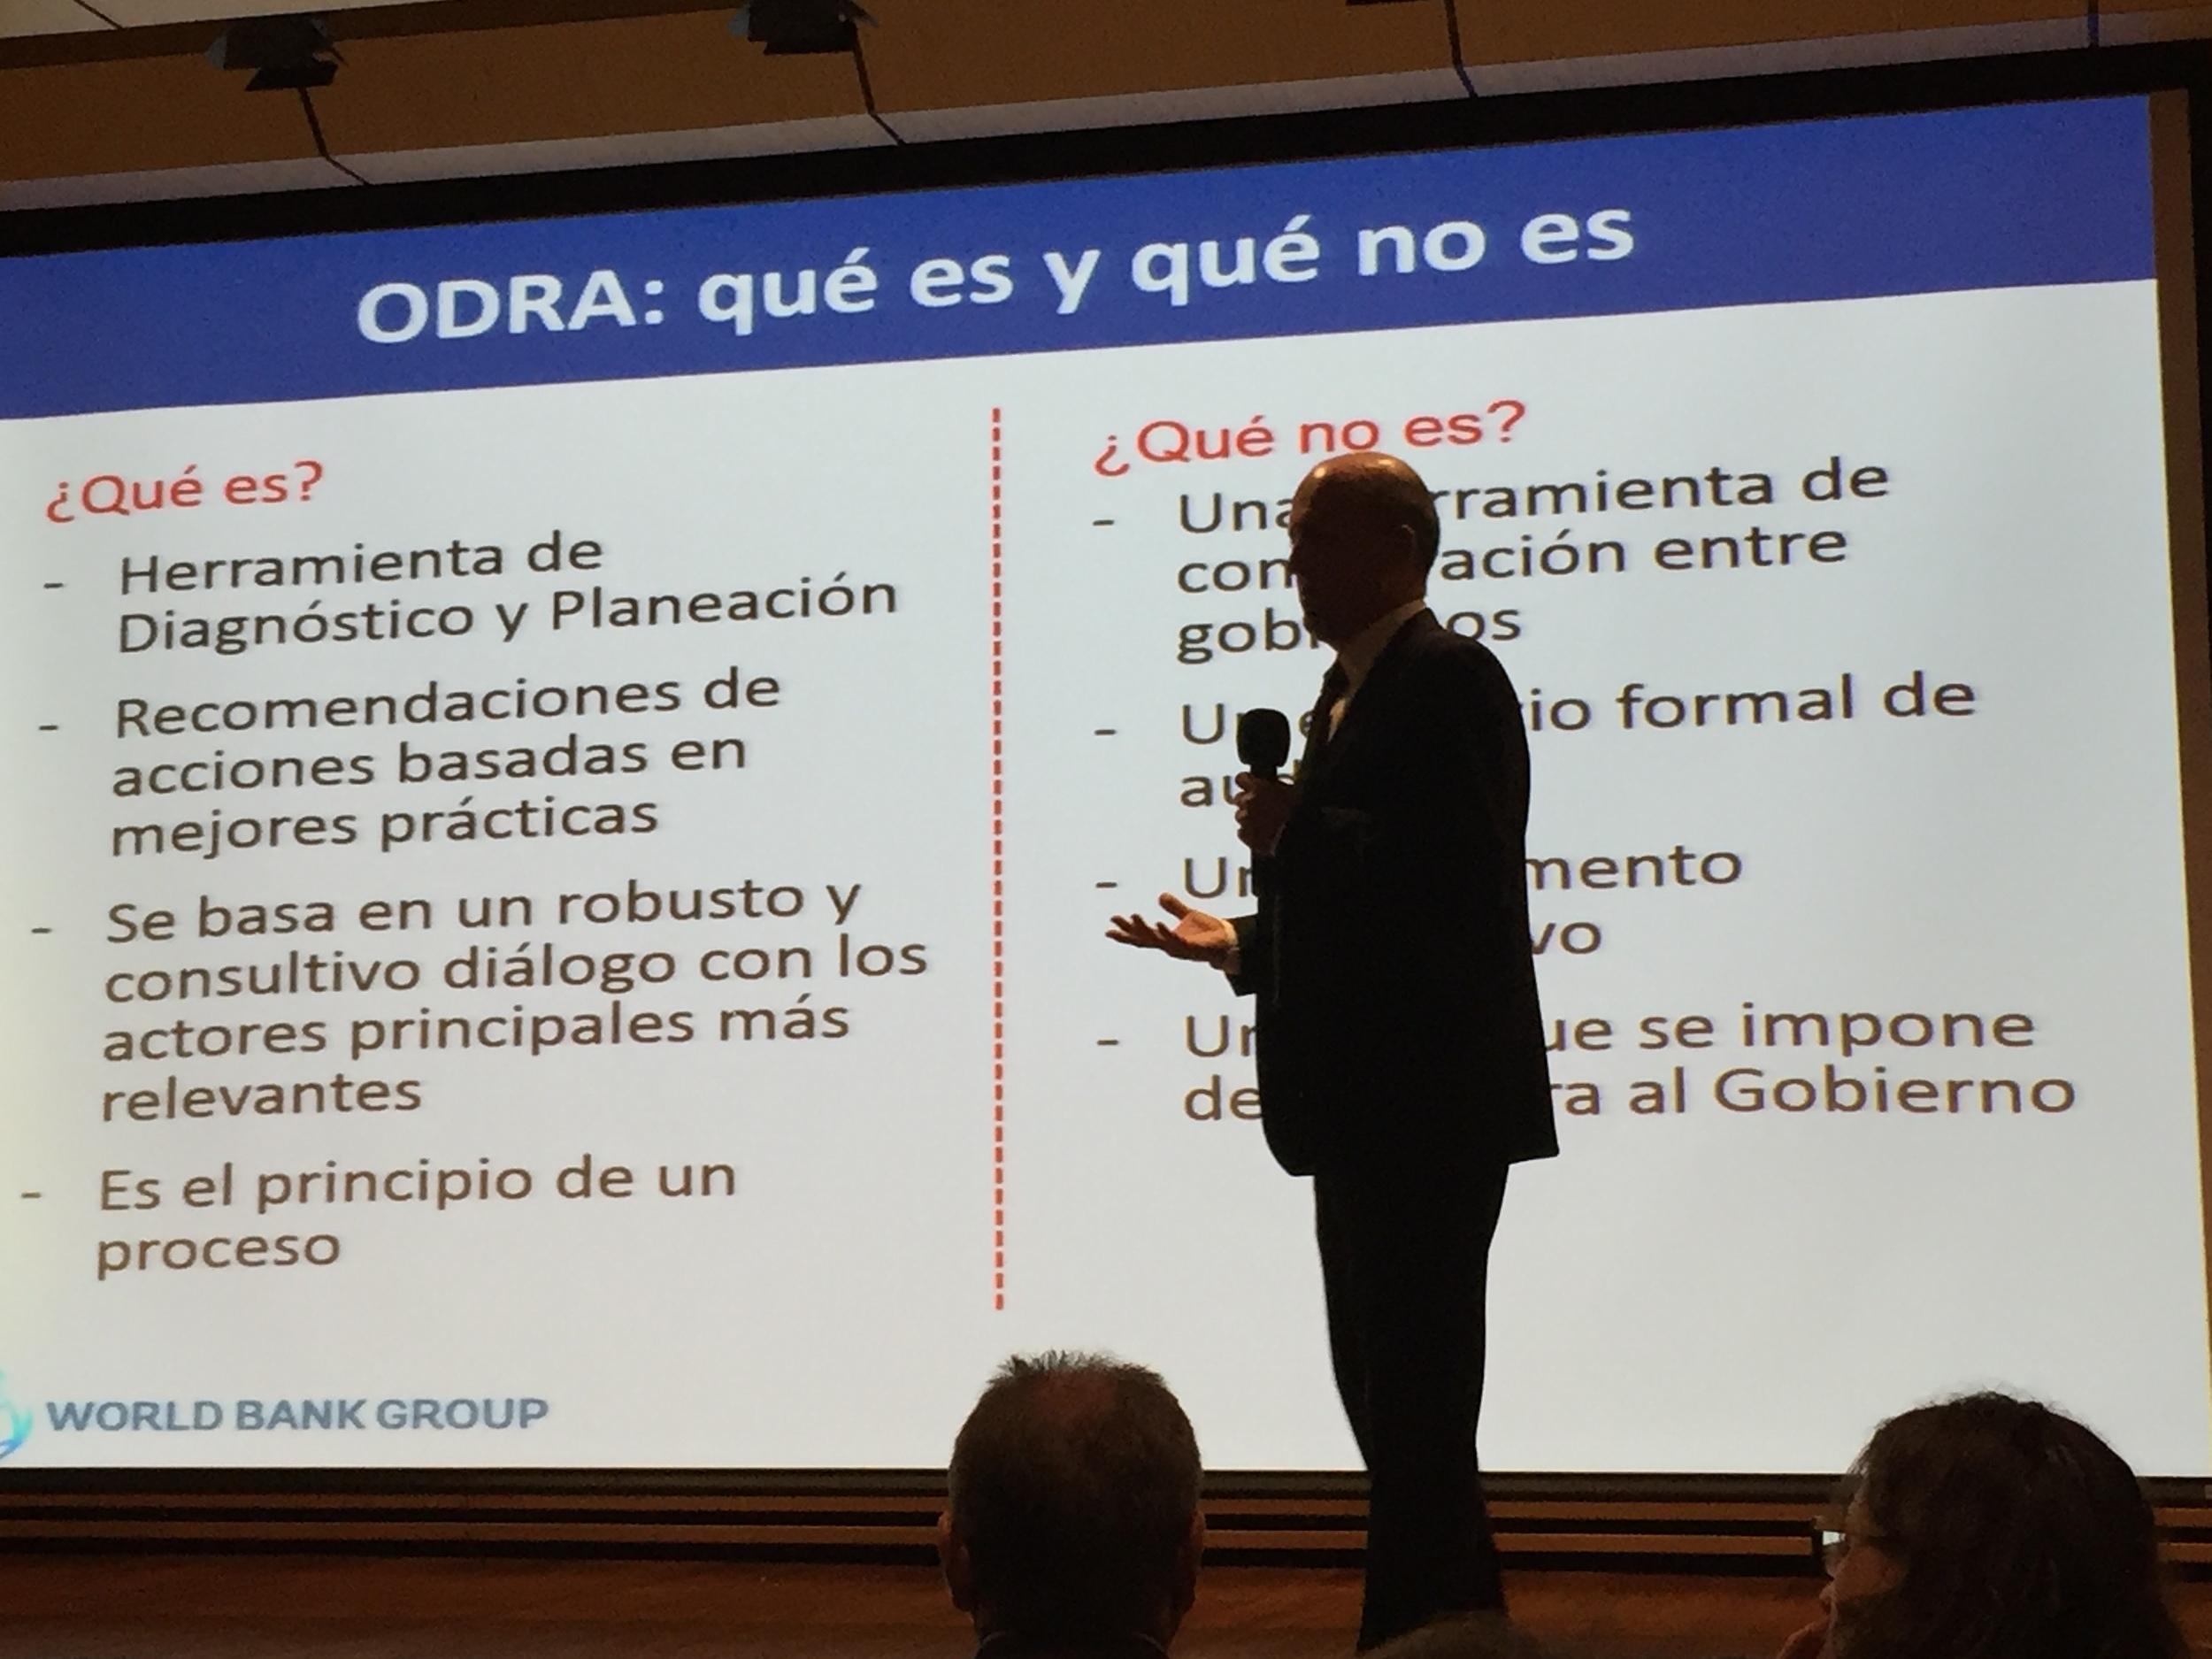 Presentación del Banco Mundial